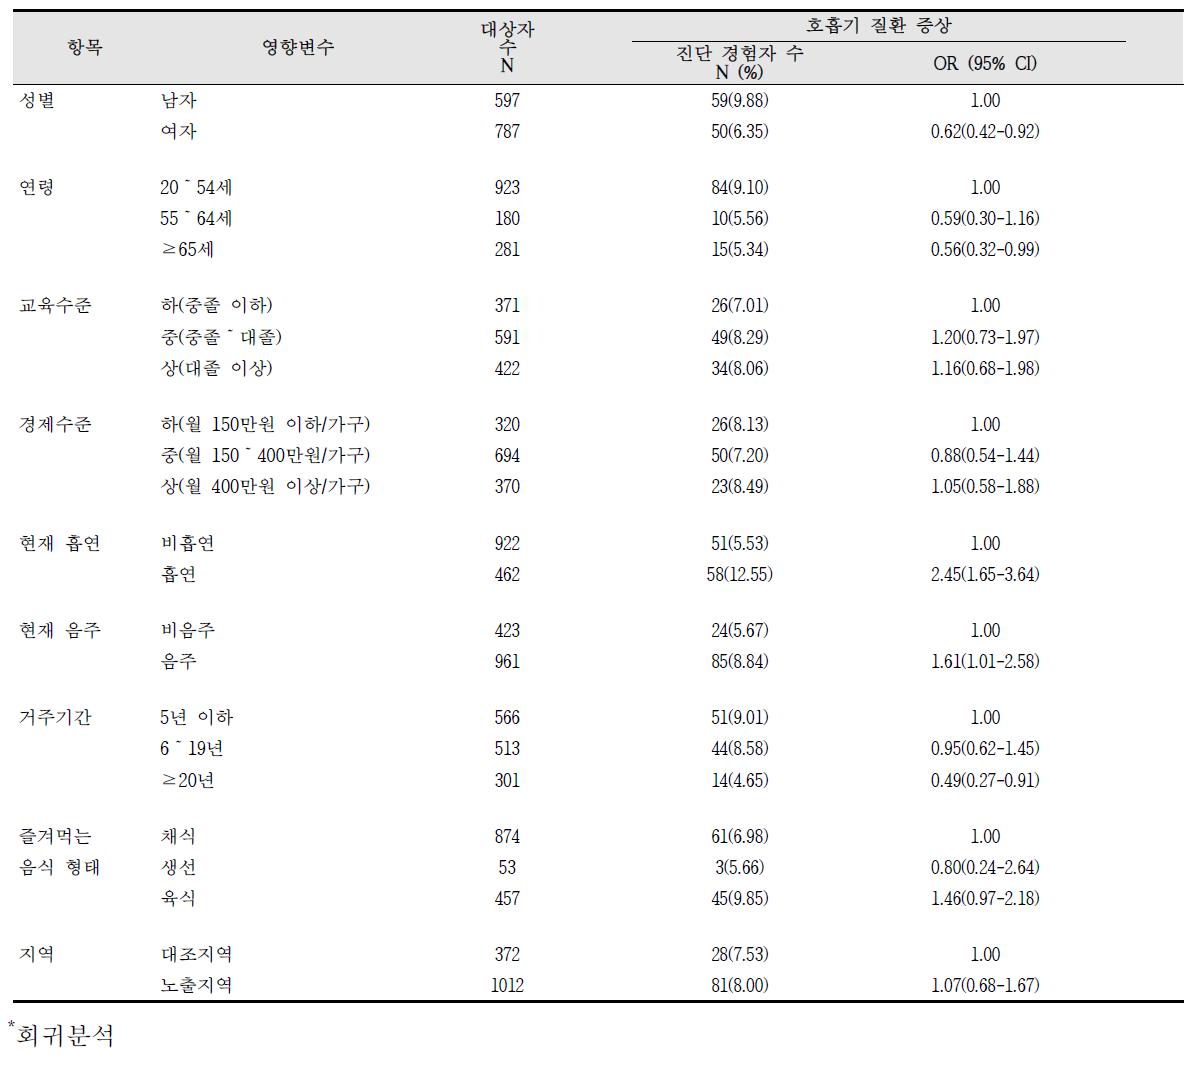 청주산업단지 호흡기 질환 증상의 영향요인 분석 결과